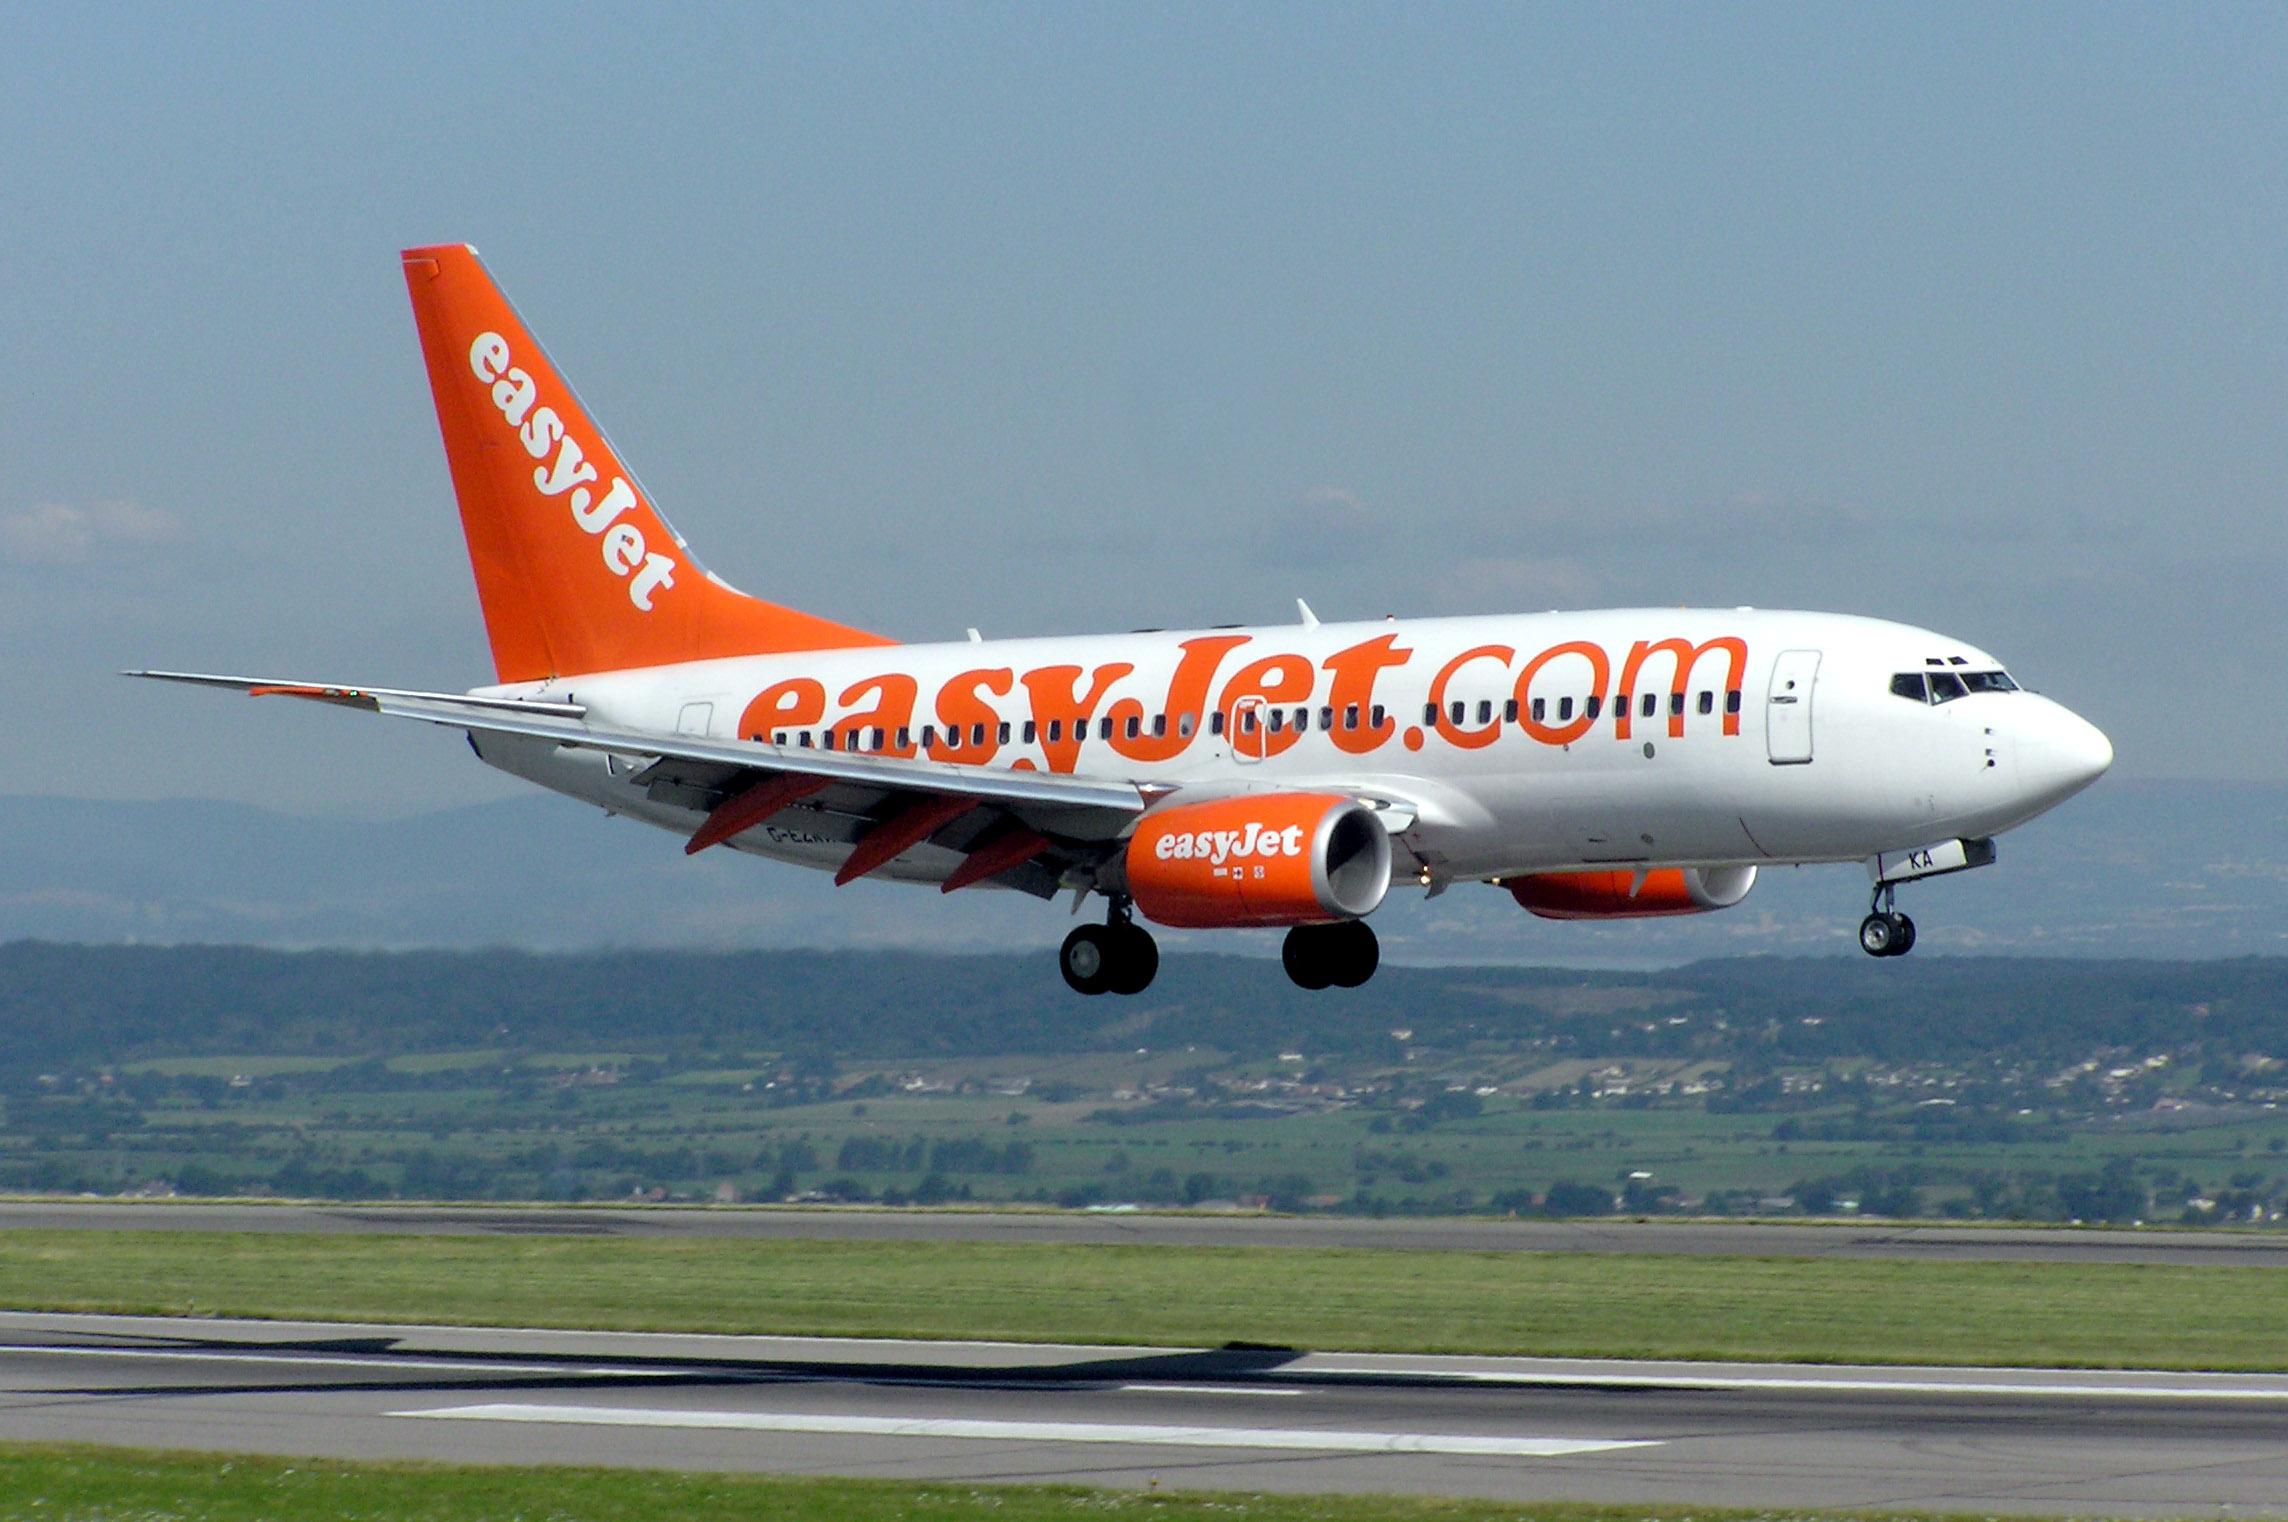 Pilota alla cloche dell'aereo di volo della compagnia EasyJet dopo aver assunto ecstasy, le dure conseguenze